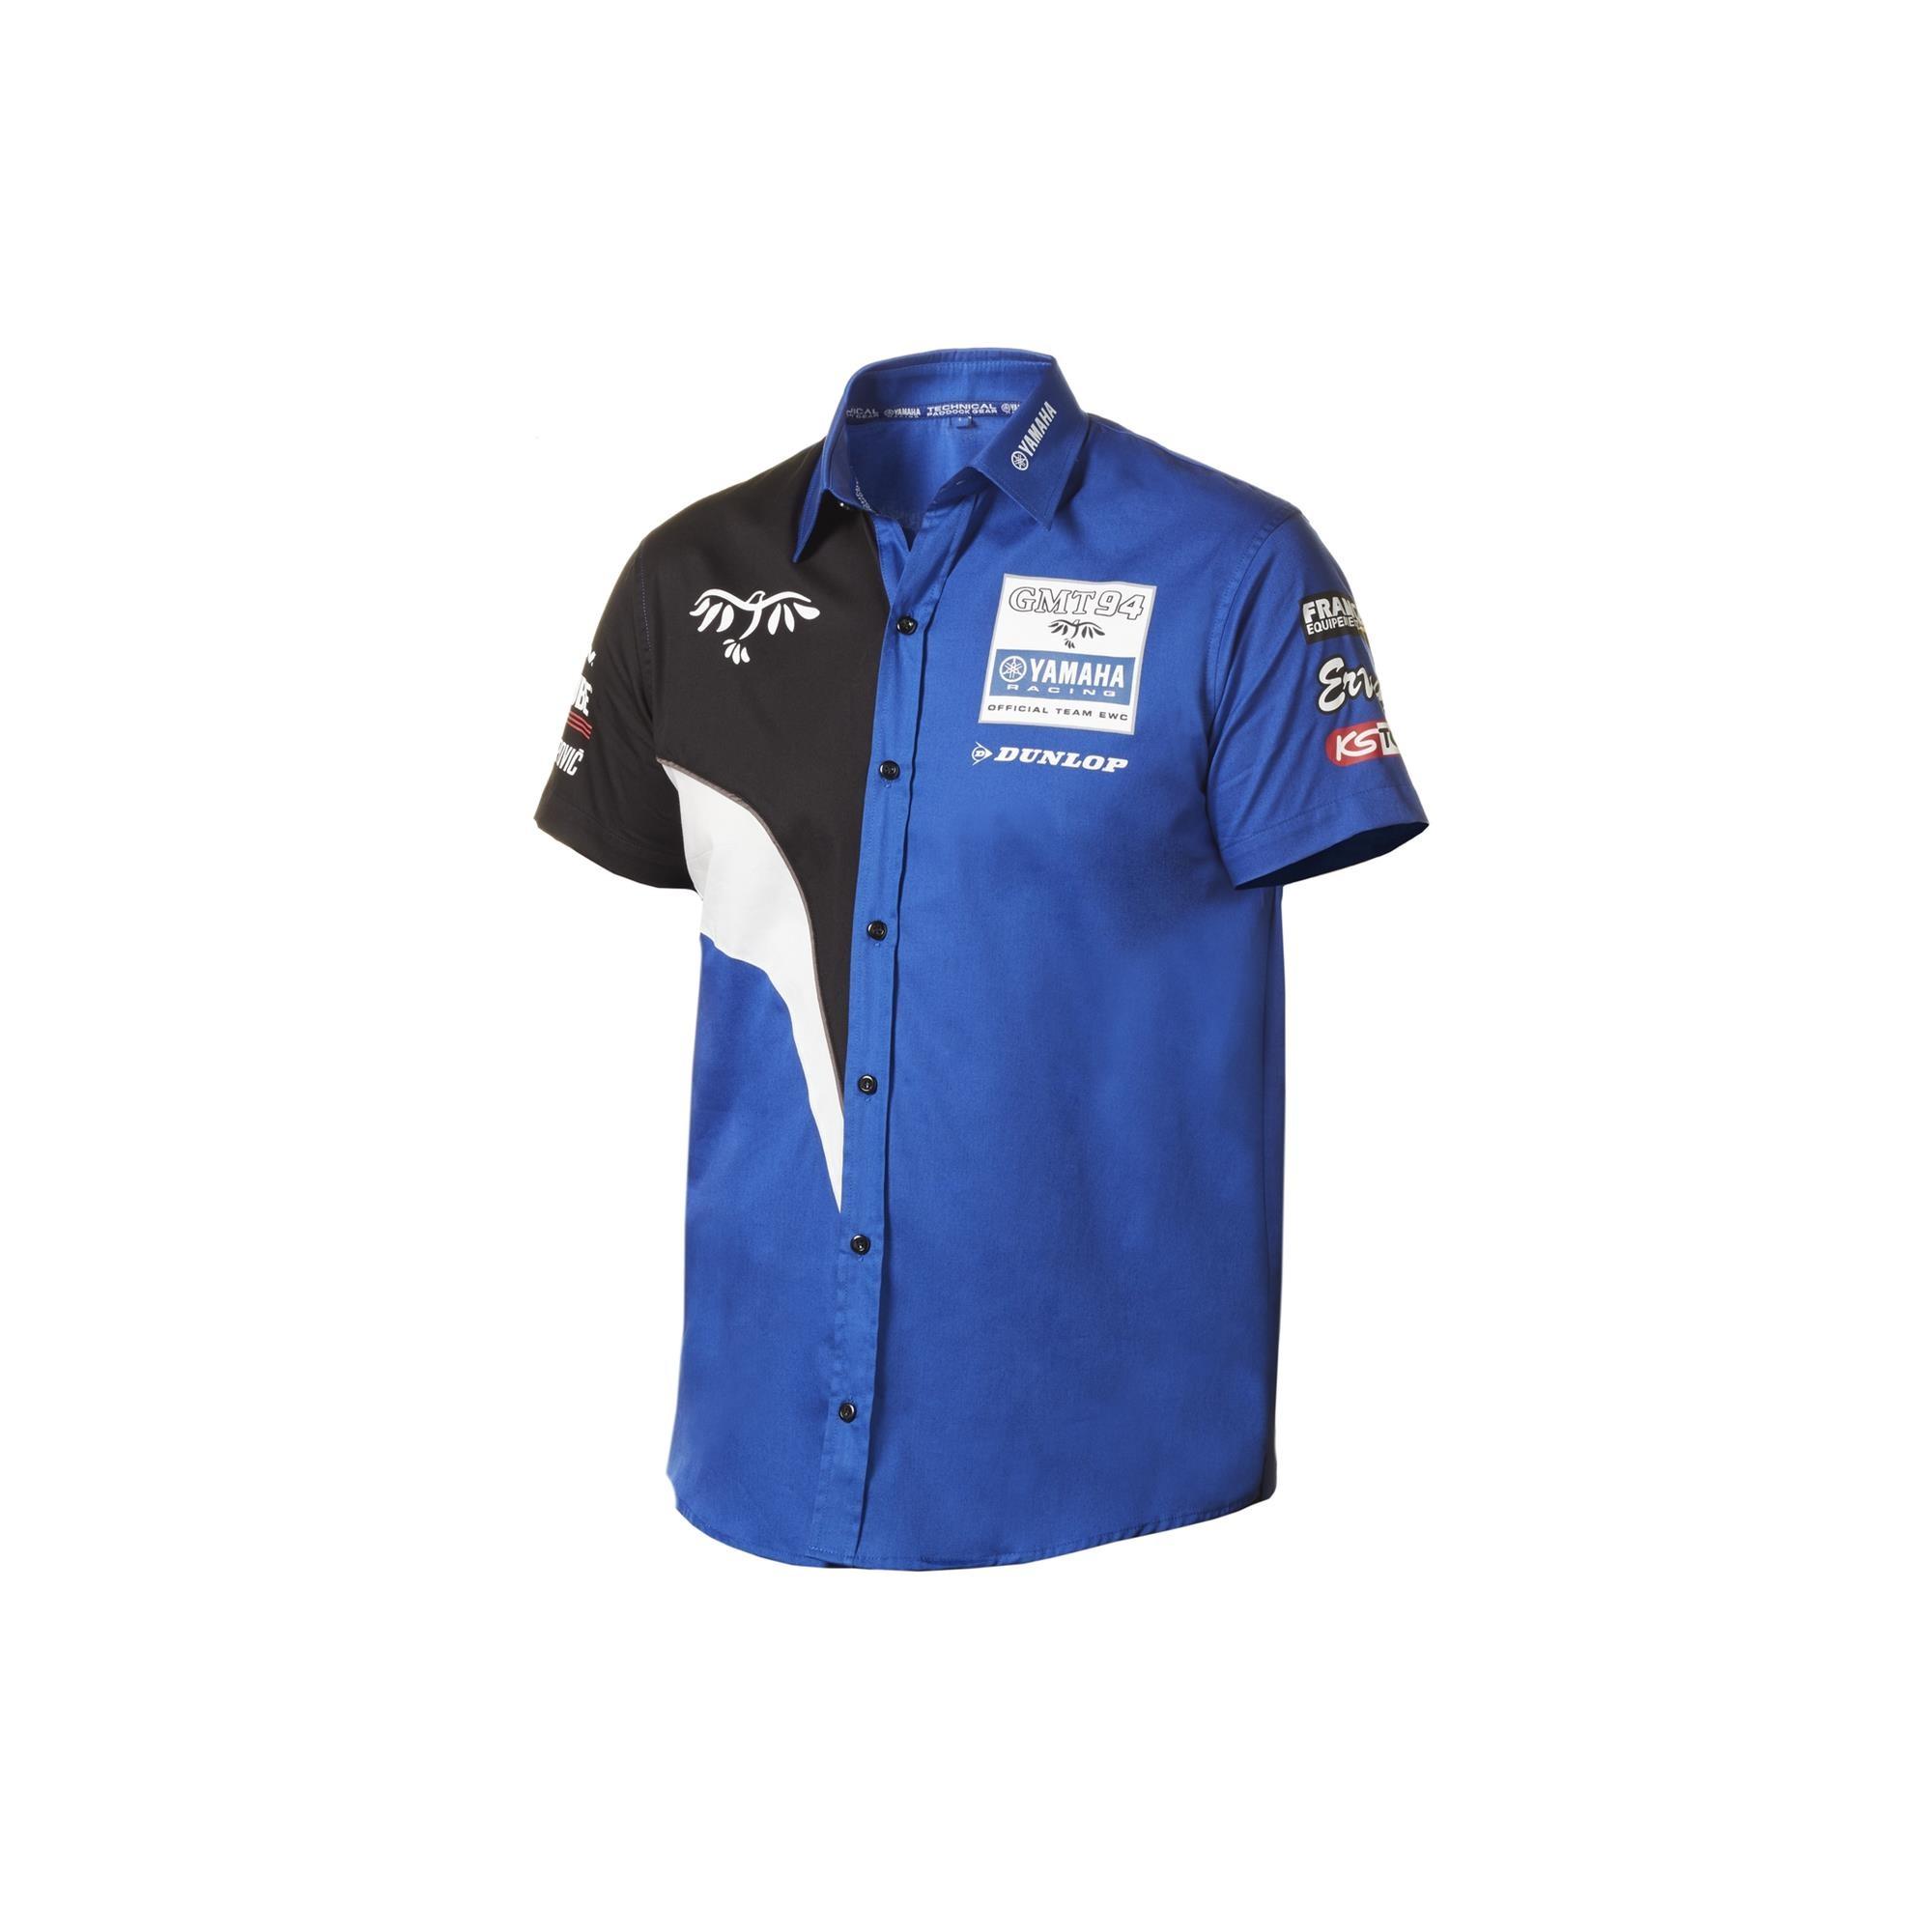 Camisa réplica GMT94 Yamaha EWC Racing Team